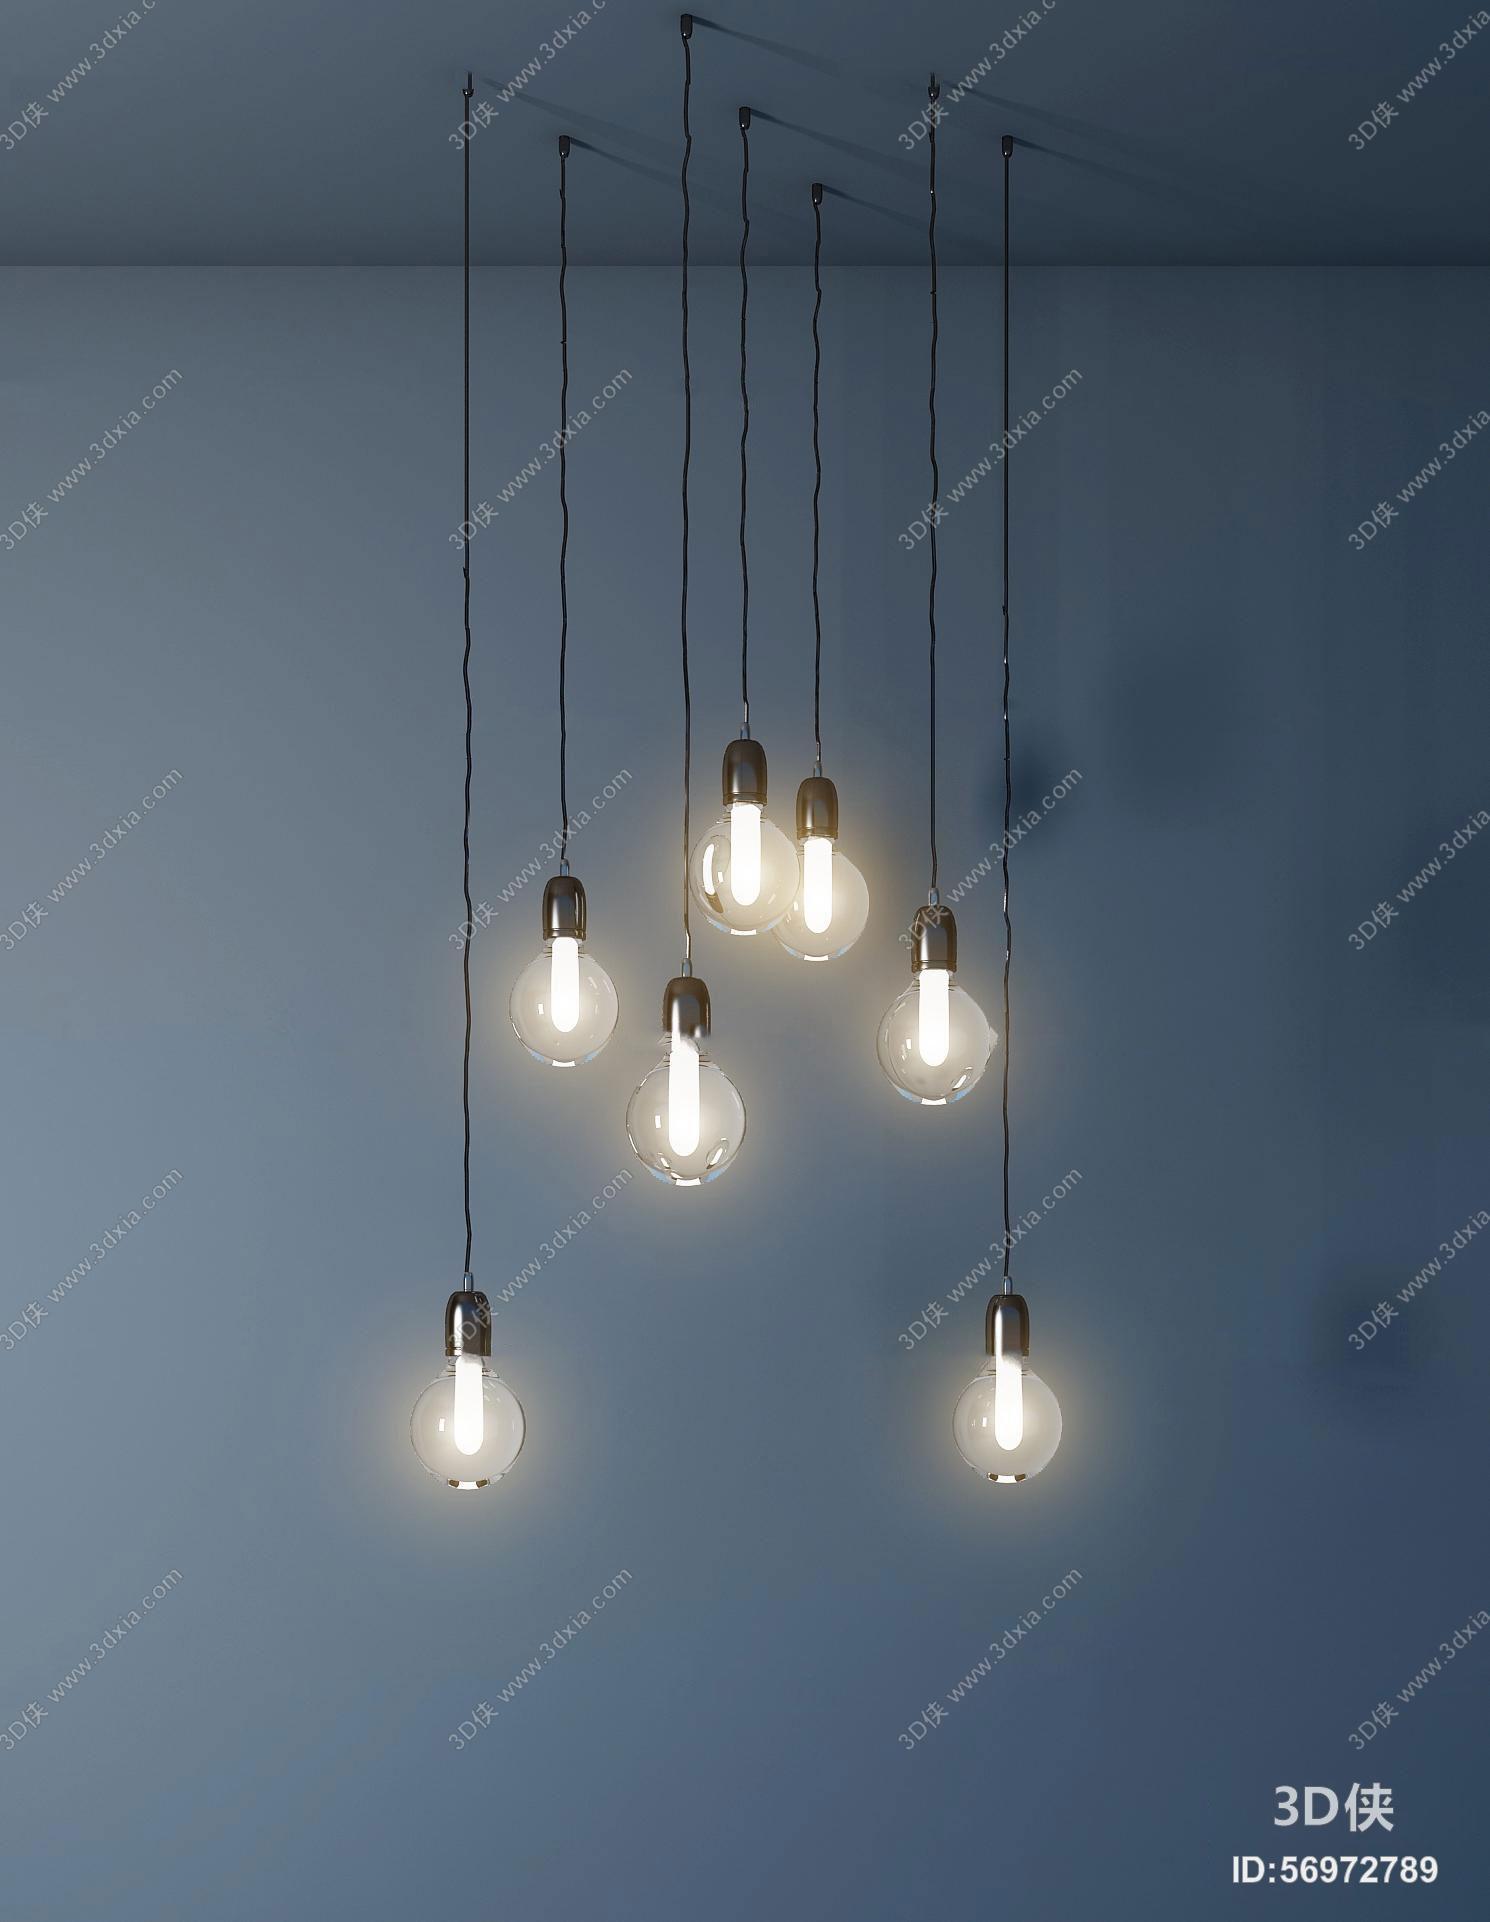 工业风玻璃小灯泡吊灯3D模型